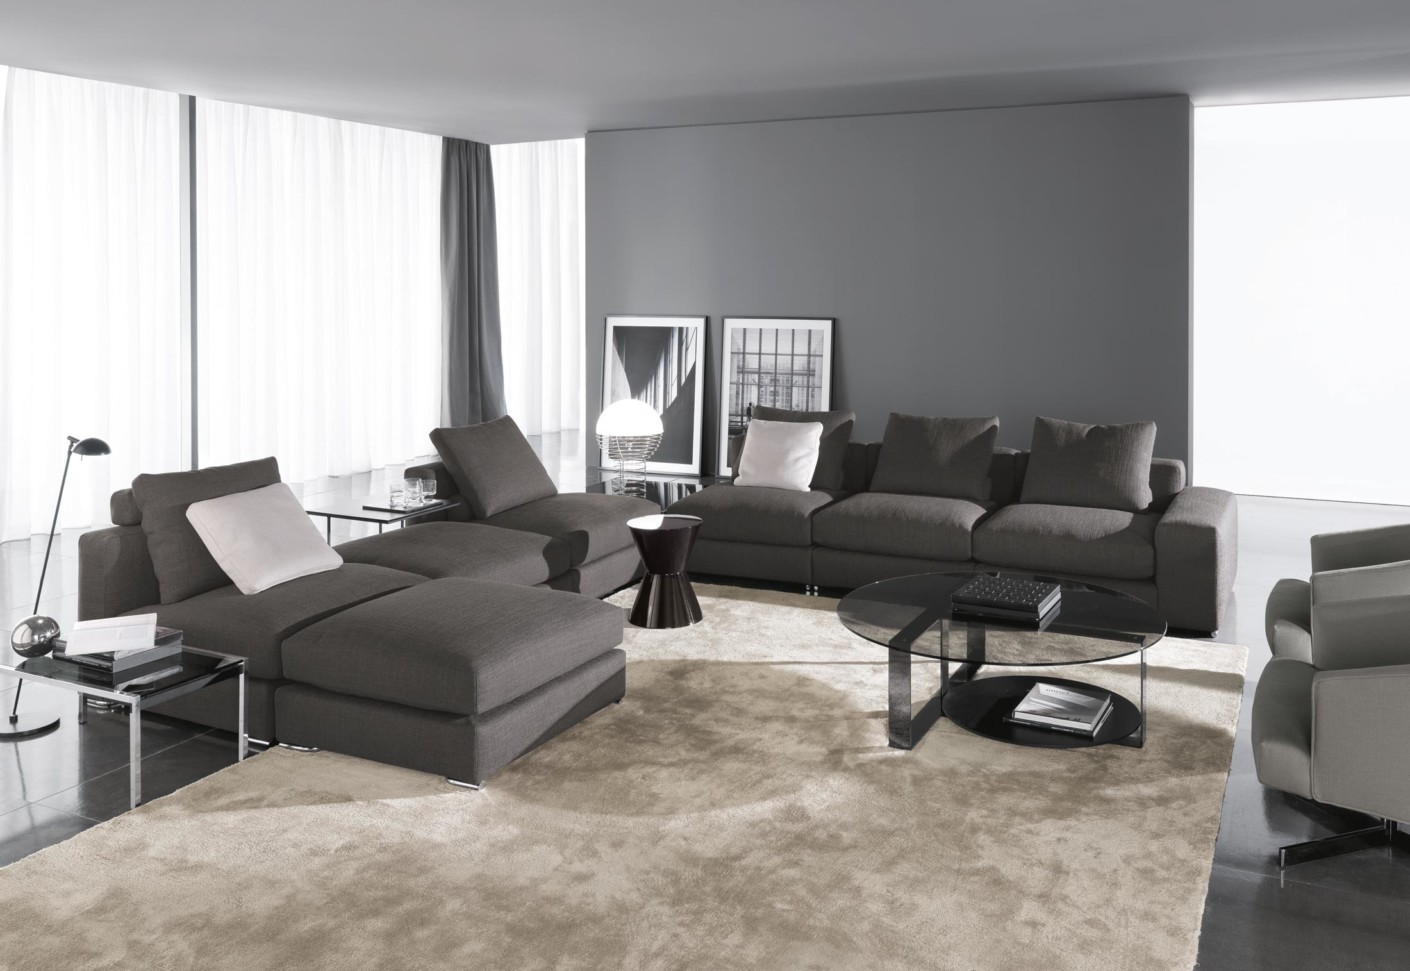 #766655 The range offers three main options: 'Jagger' with high backrest  1410x971 píxeis em Decoração Sala De Estar Sofa Cinza